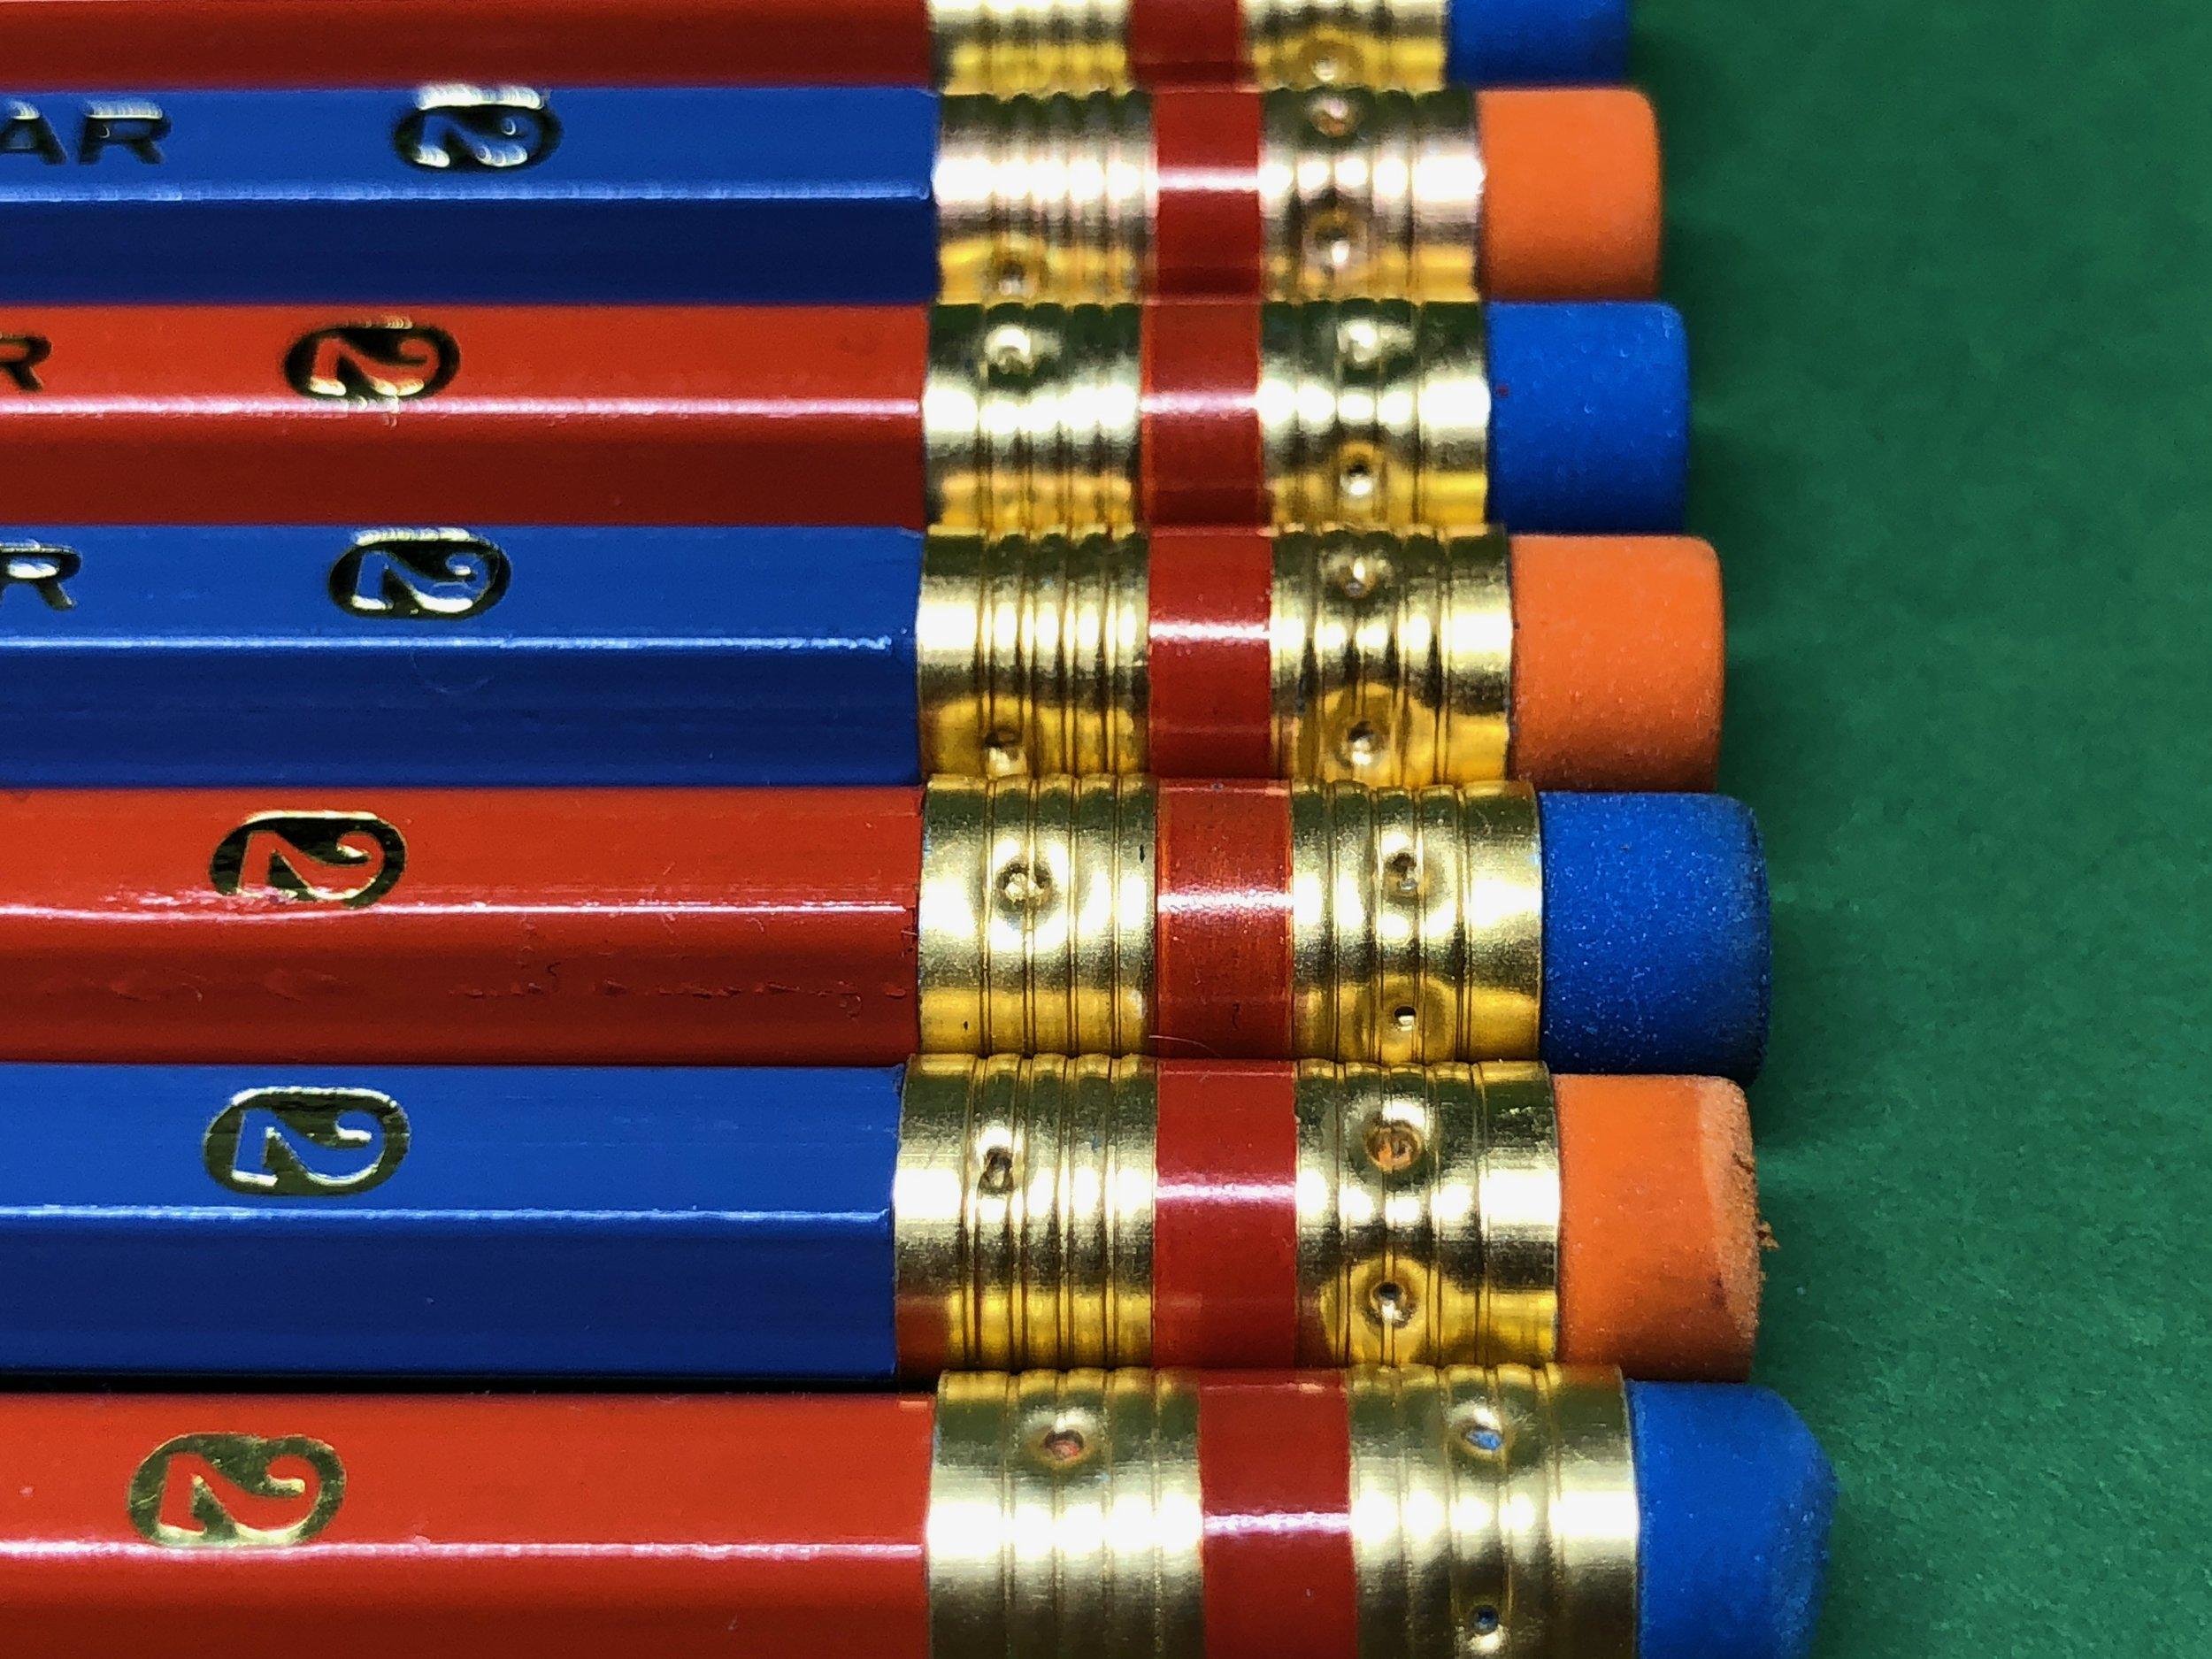 palomino-golden-bear-pencil-2.jpg